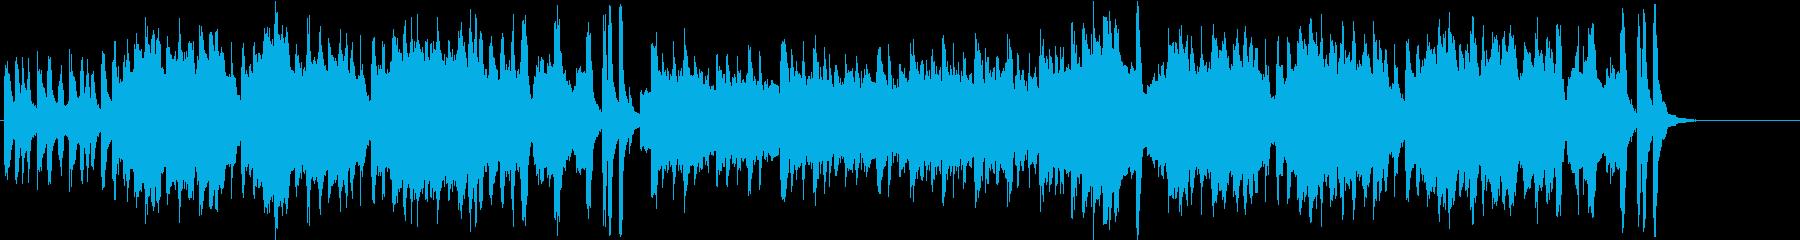 伝統 休日 遊園地 メルヘンの再生済みの波形